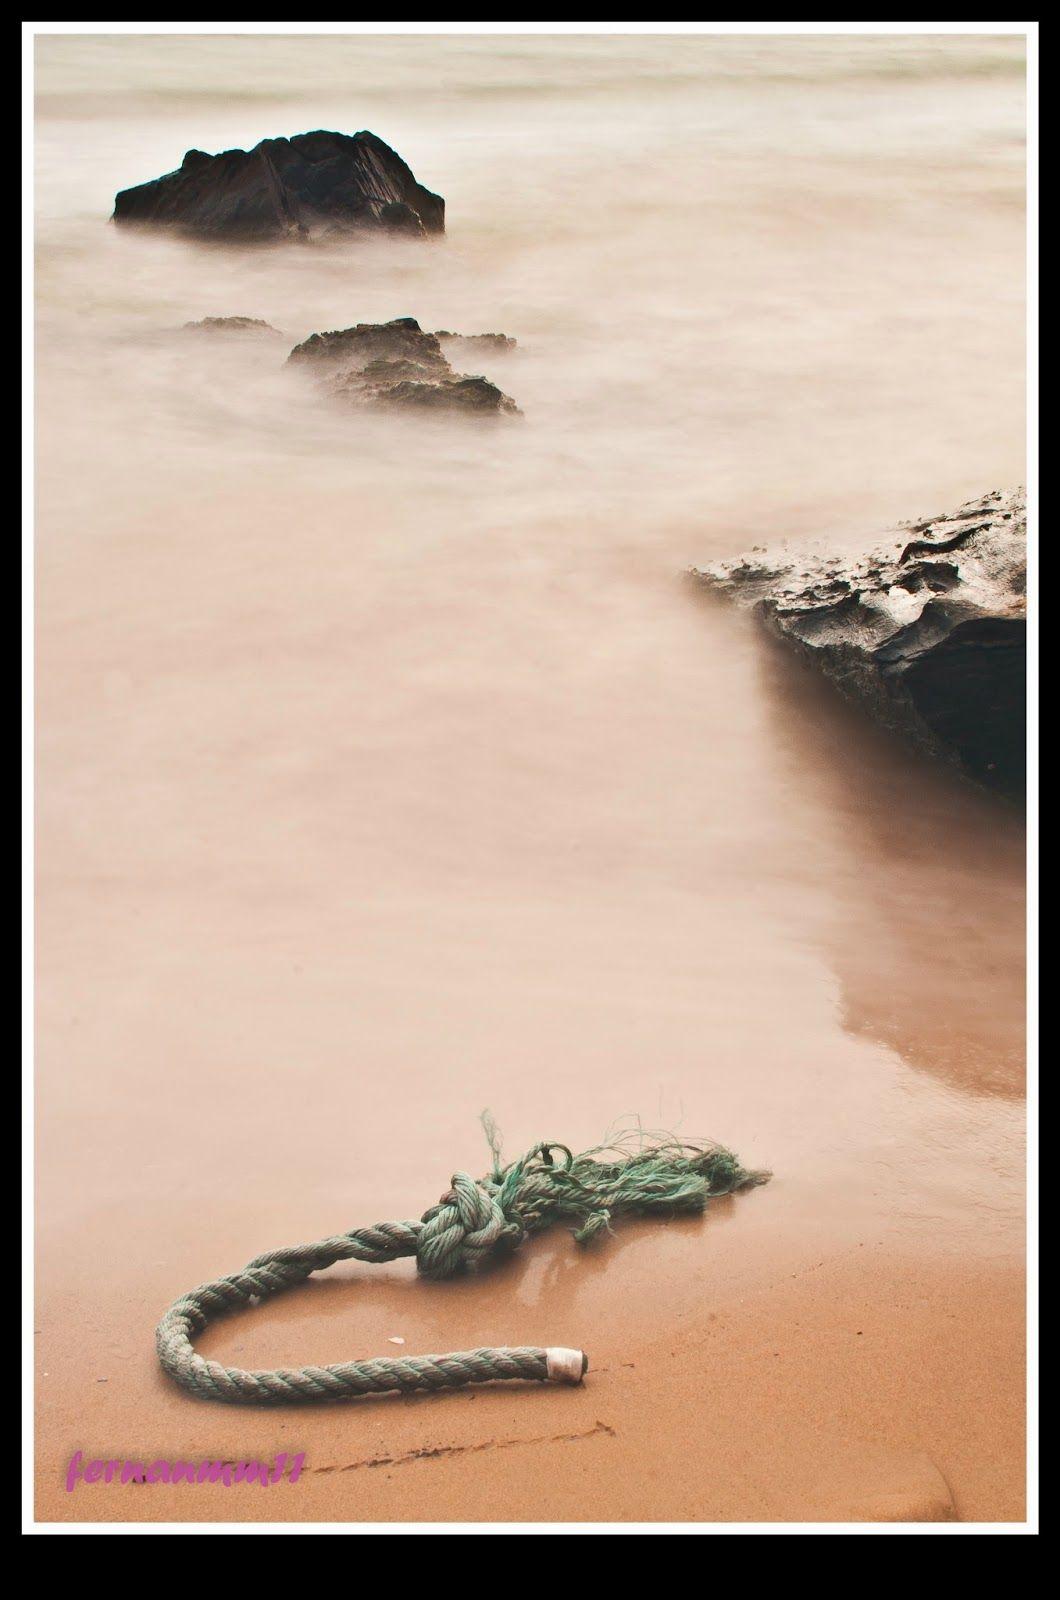 FOTOGRAFIAS PERSONALES ..... | Fotografía de la vida, Cada uno y ...